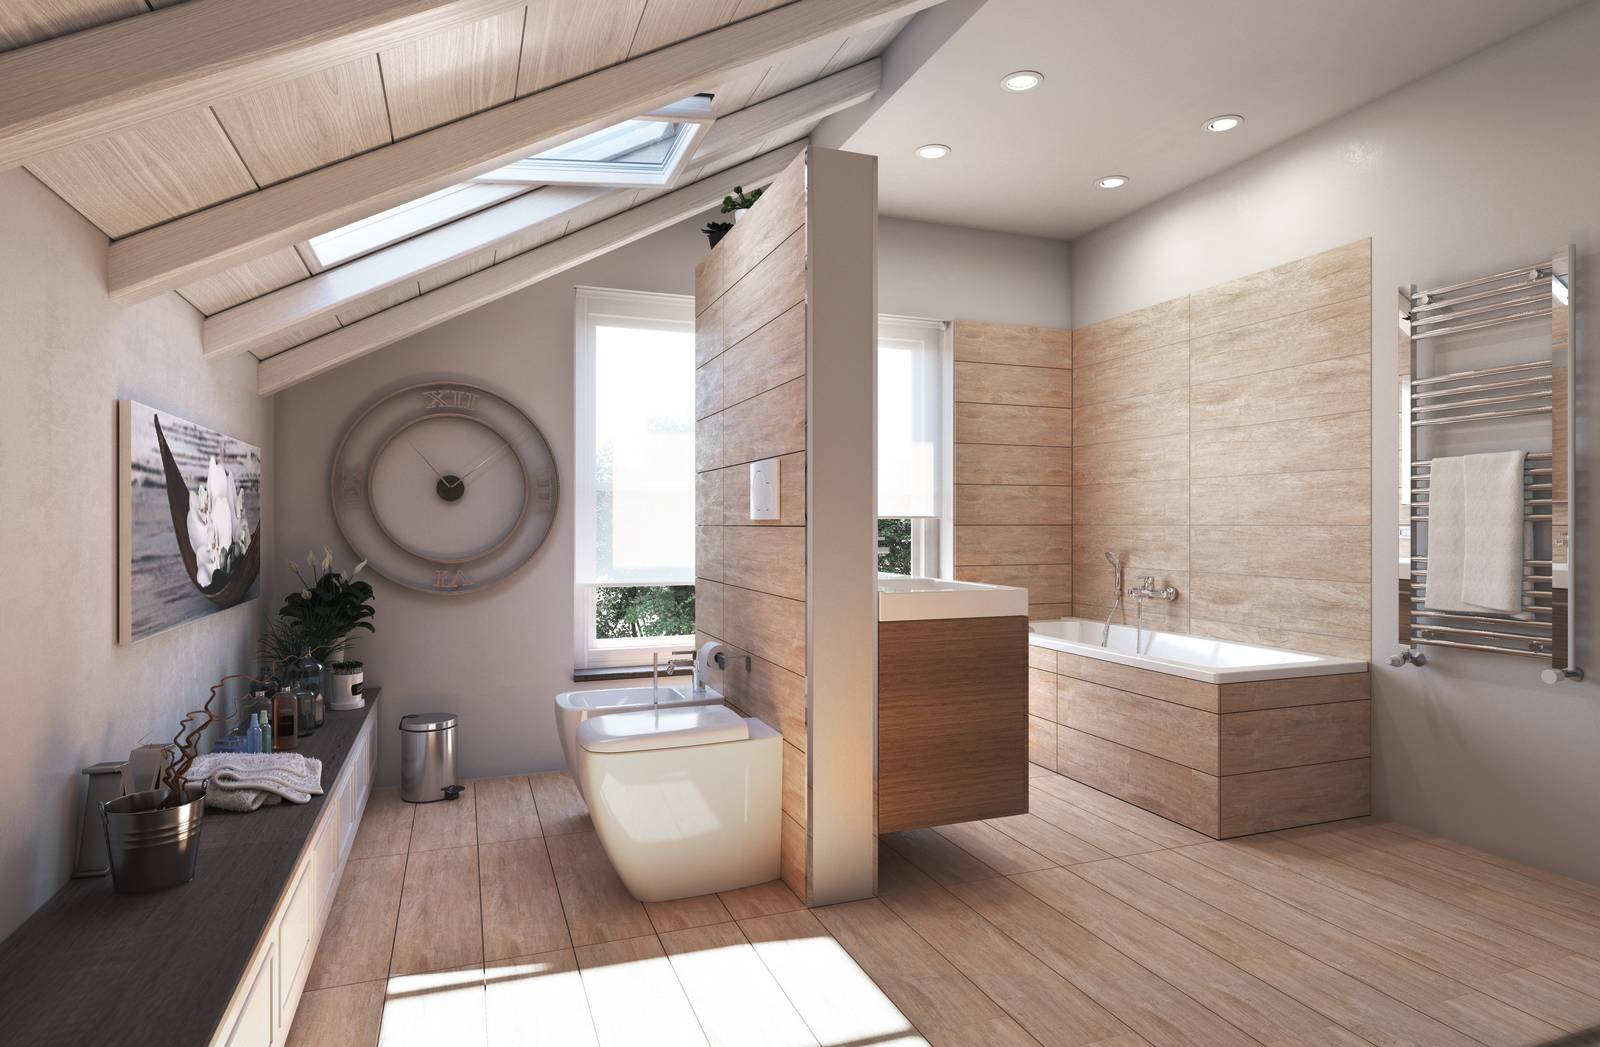 Ristrutturare il bagno in poco tempo cose di casa - Ristrutturare un bagno ...